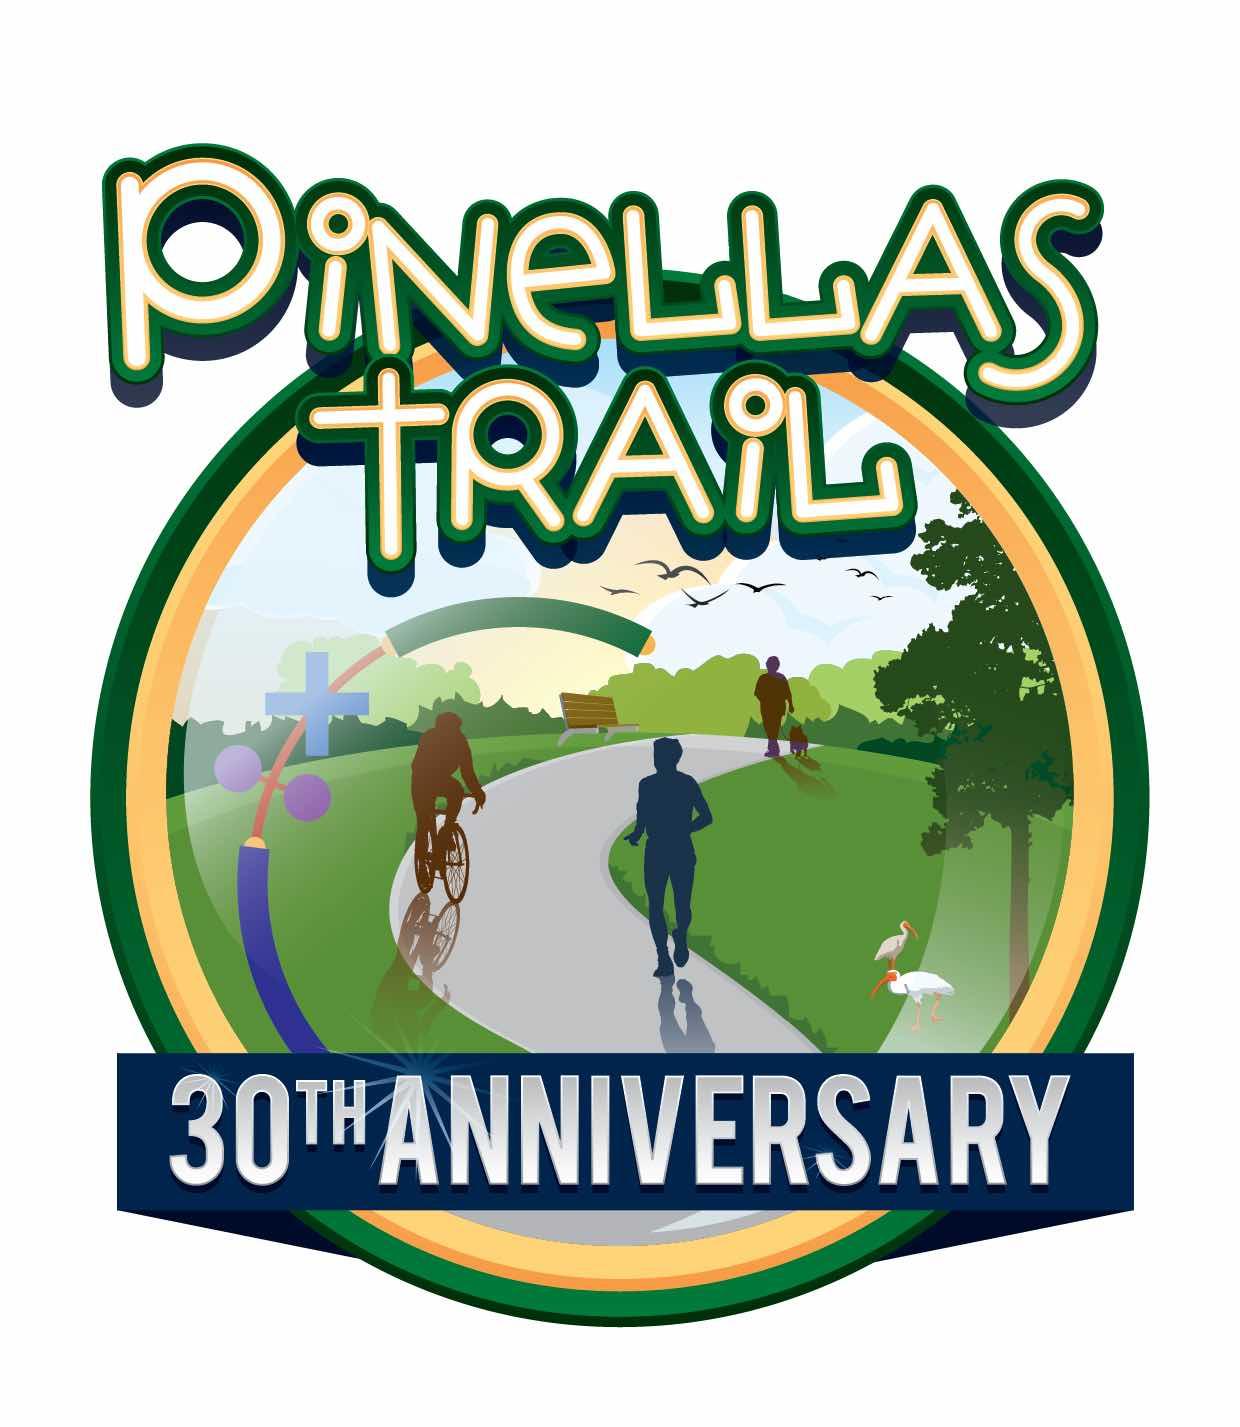 Trail_30_Anniversary_emblem